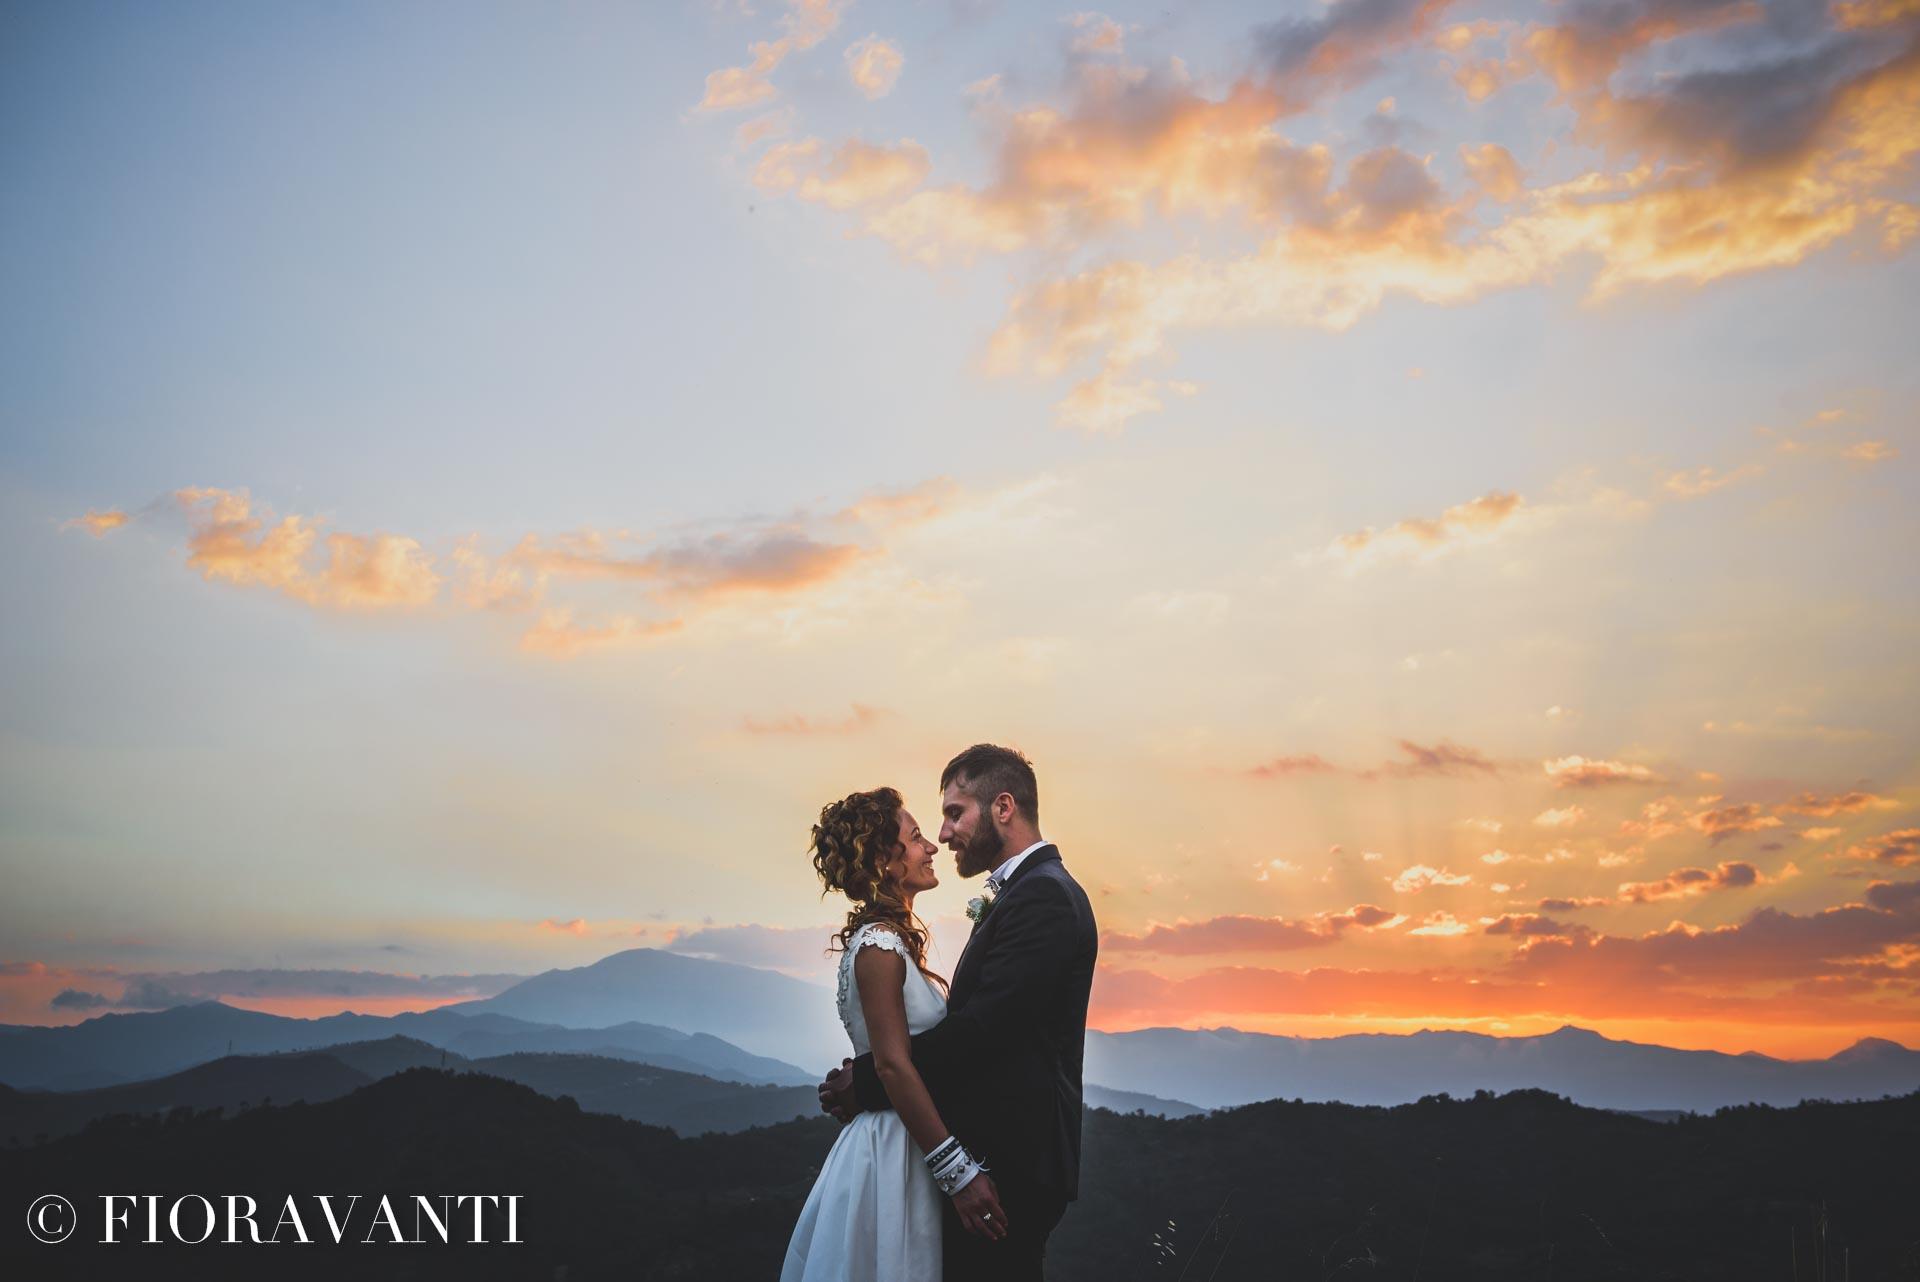 studio-fotografico-fioravanti-livio-fioravanti-fotografo-matrimonio-villa-cicchi-ascoli-piceno-marche-51